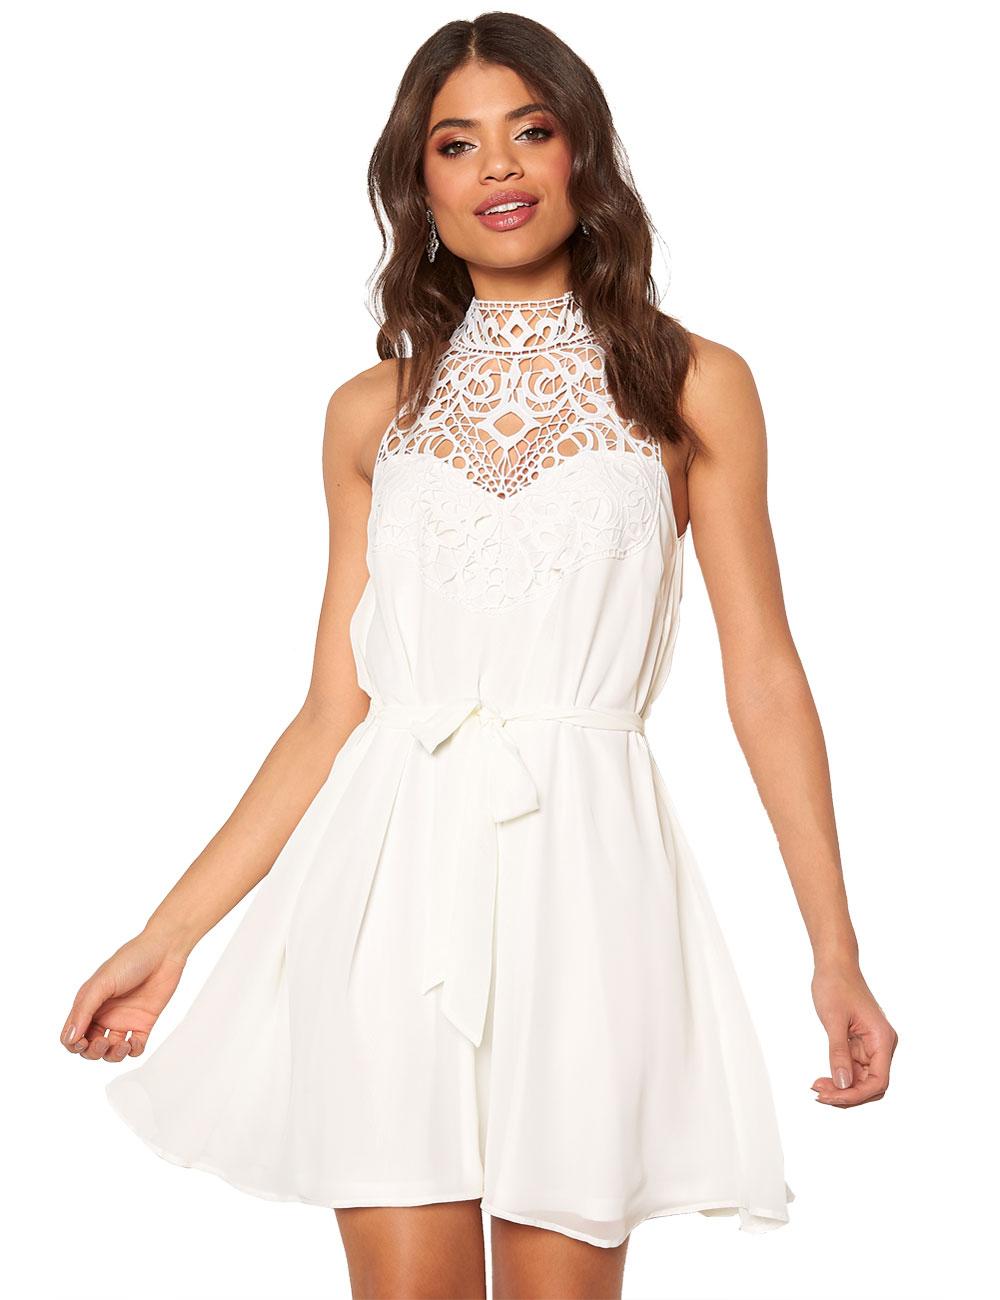 Kurzes Kleid von Bubbleroom mit Spitze, weiss